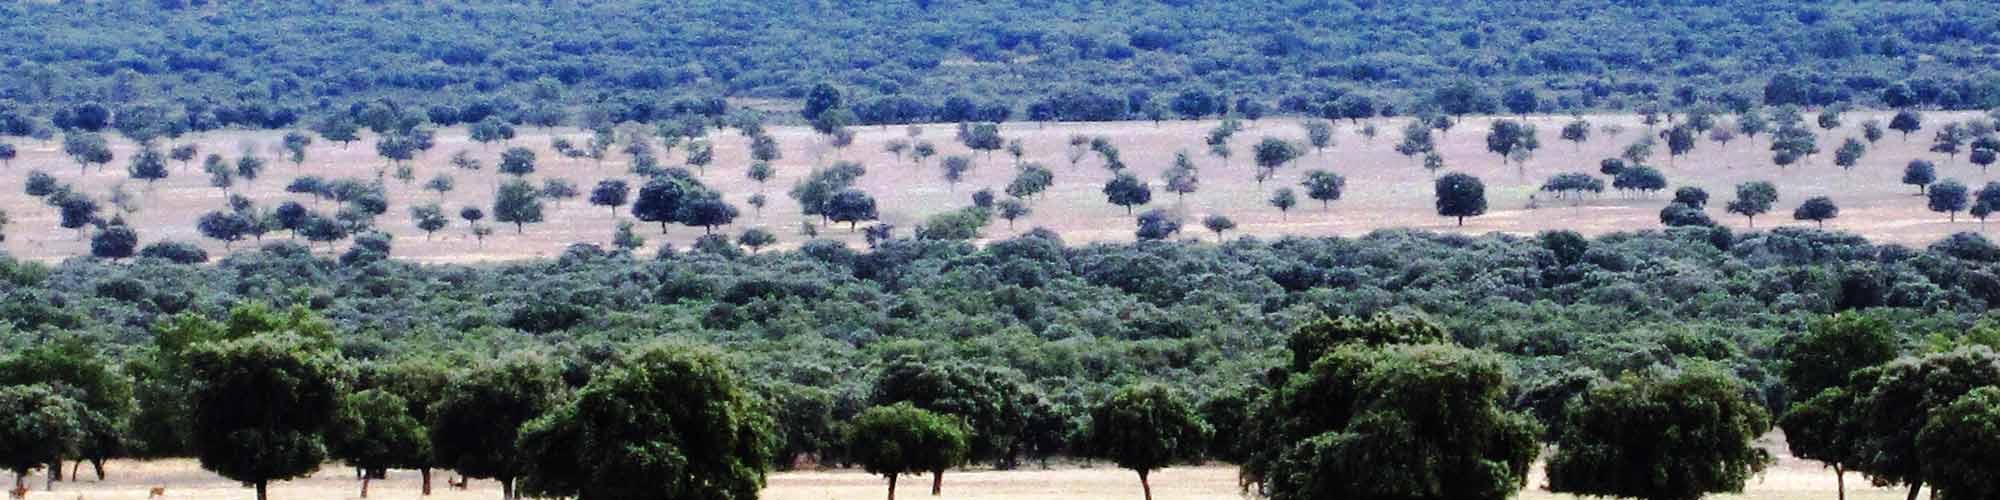 Un viaje al Serengueti Español - EL PAIS Viajes